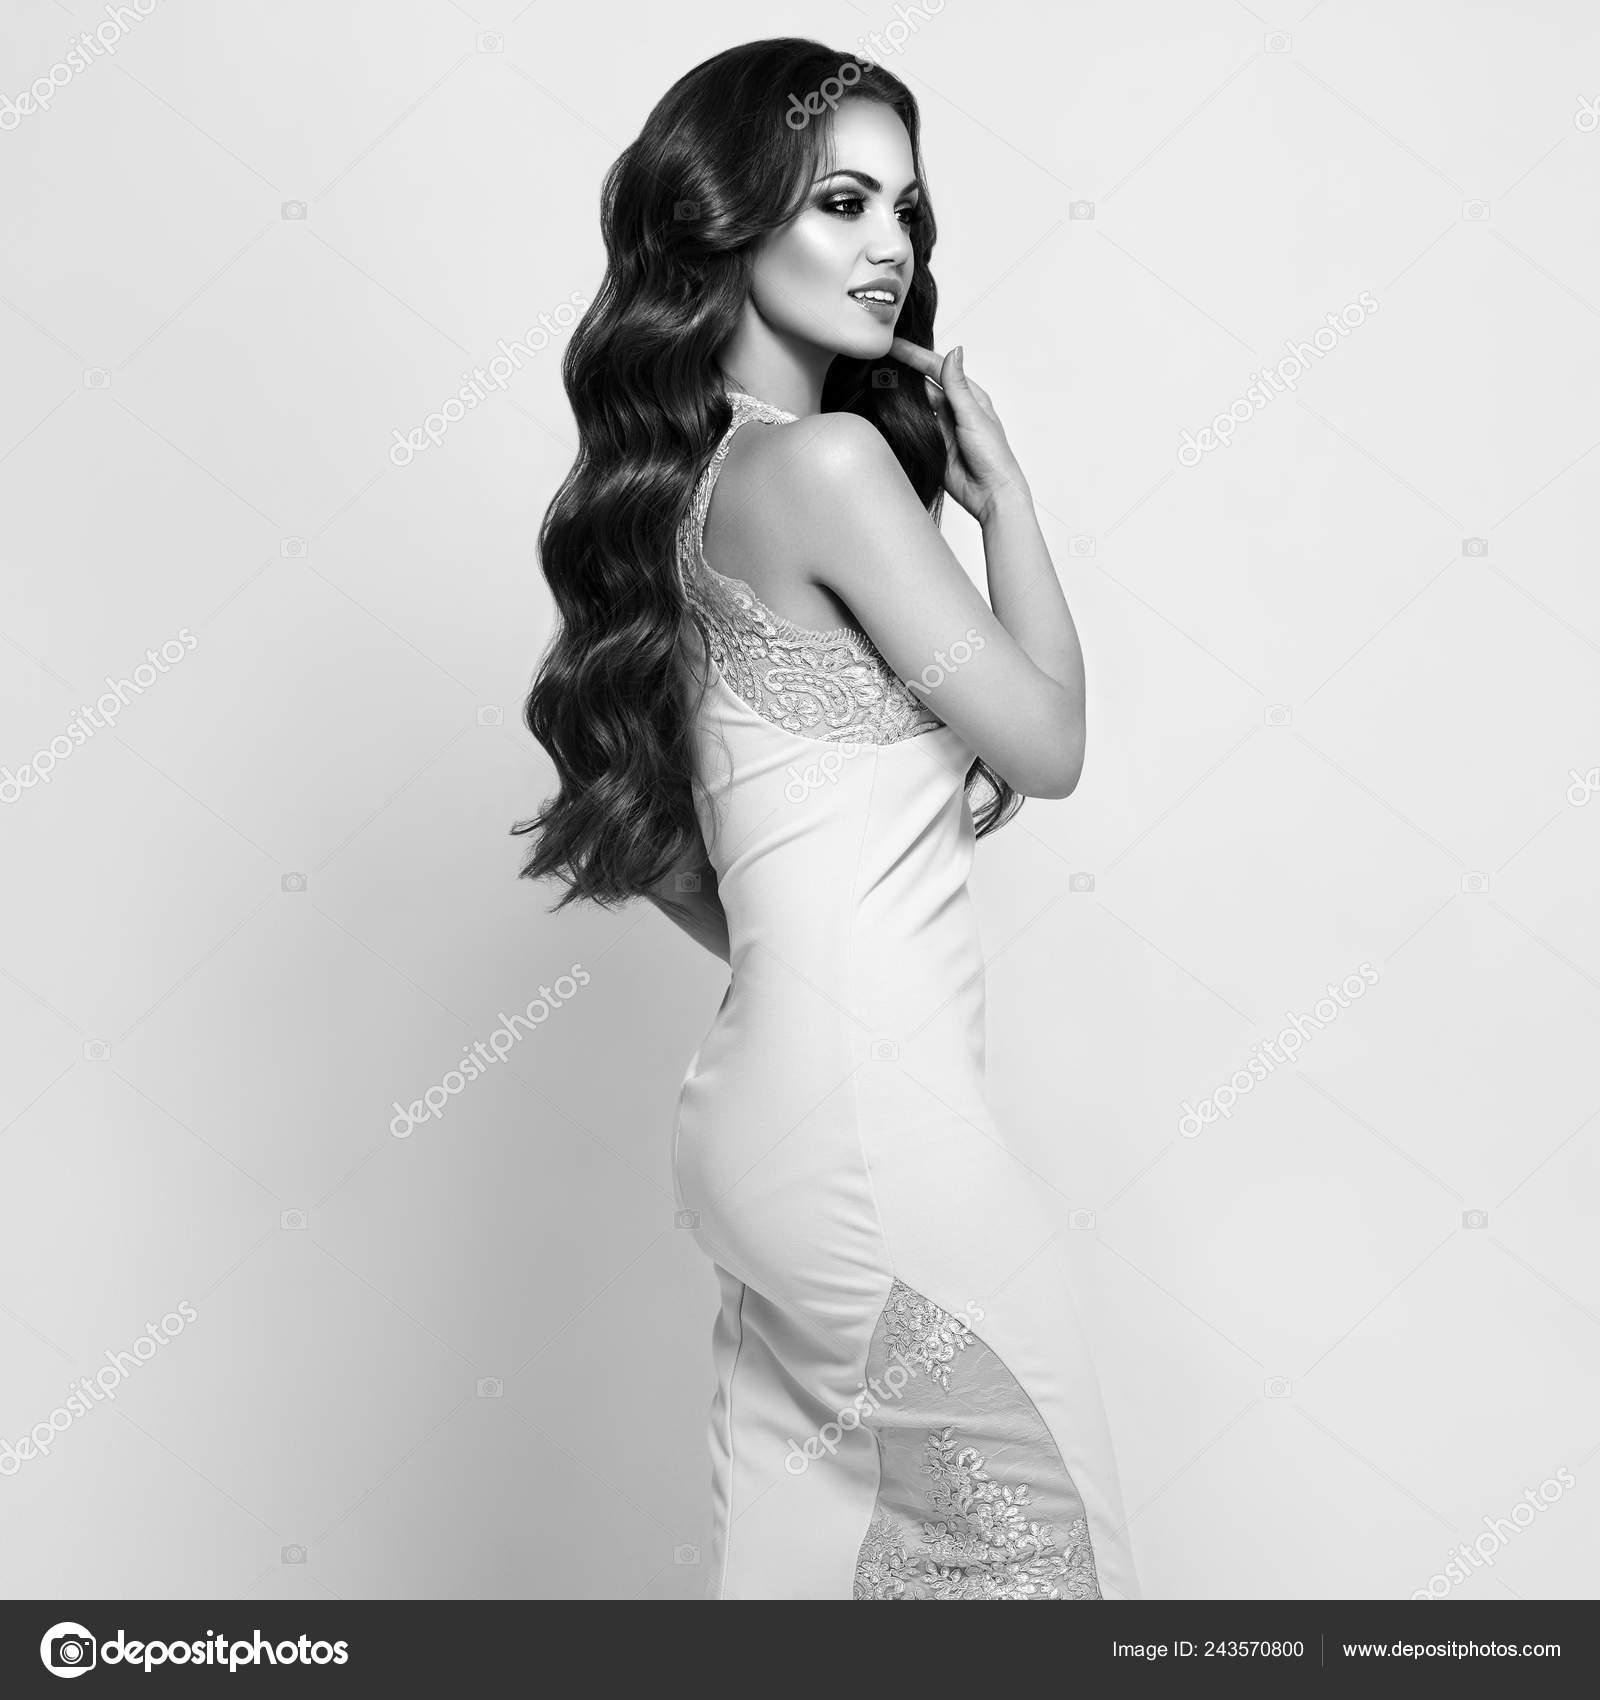 5b561ec49e Hermosa mujer en vestido de noche blanco elegante. Chica morena con el pelo  rizado largo brillante y saludable. Cuidado y belleza. Hermosa modelo mujer  con ...